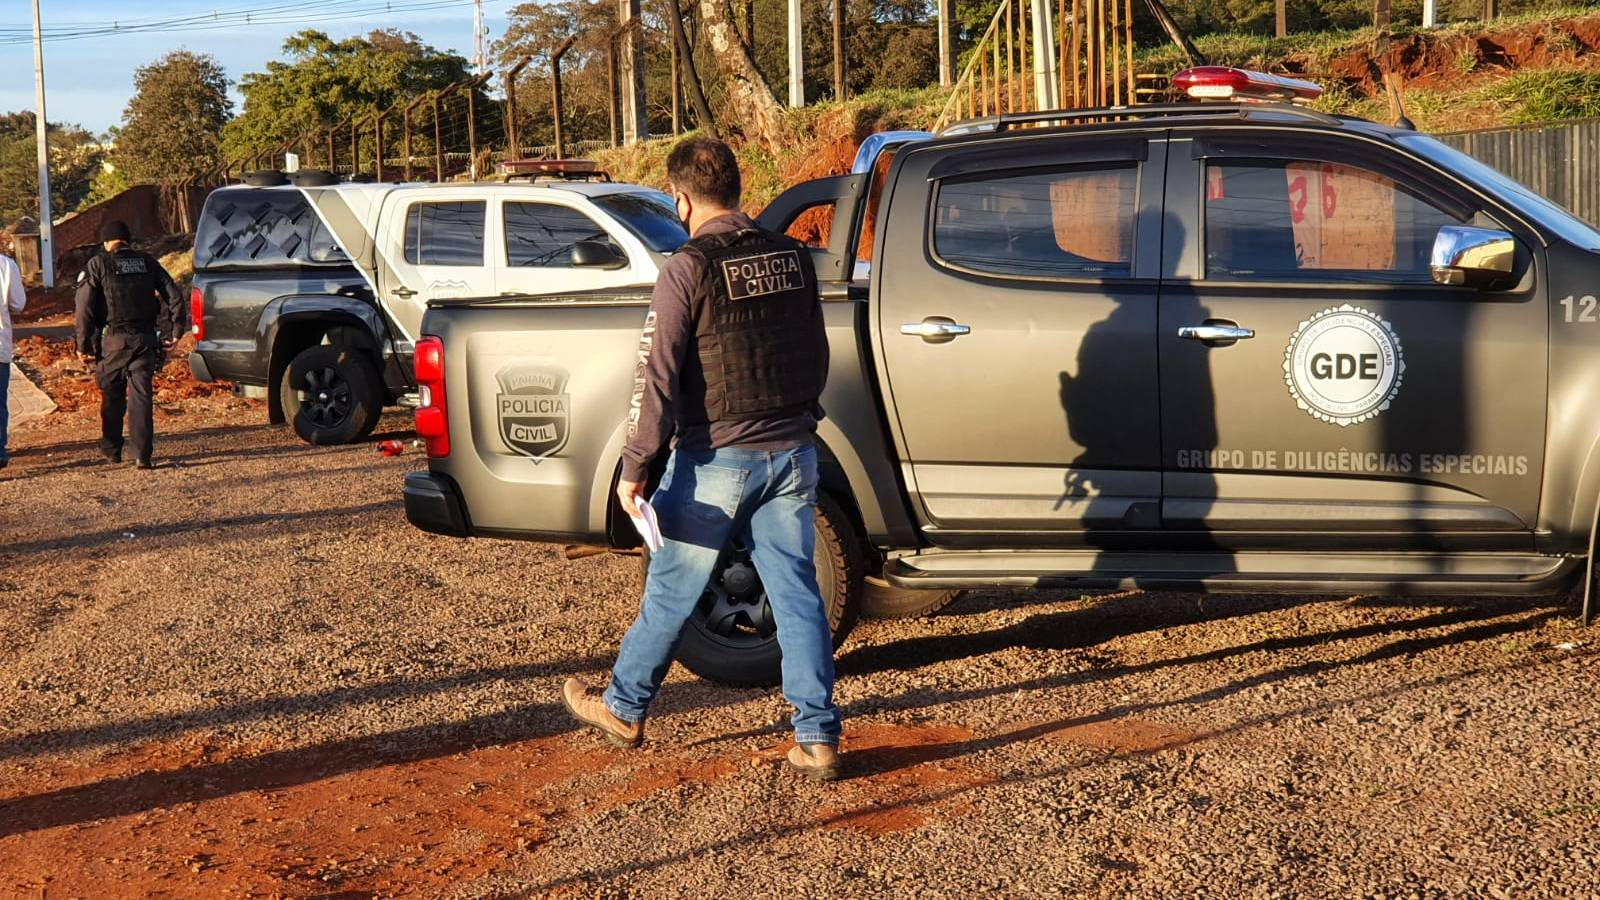 Polícia Civil cumpre mandado de busca e apreensão na casa de empresário no Bairro Brasmadeira